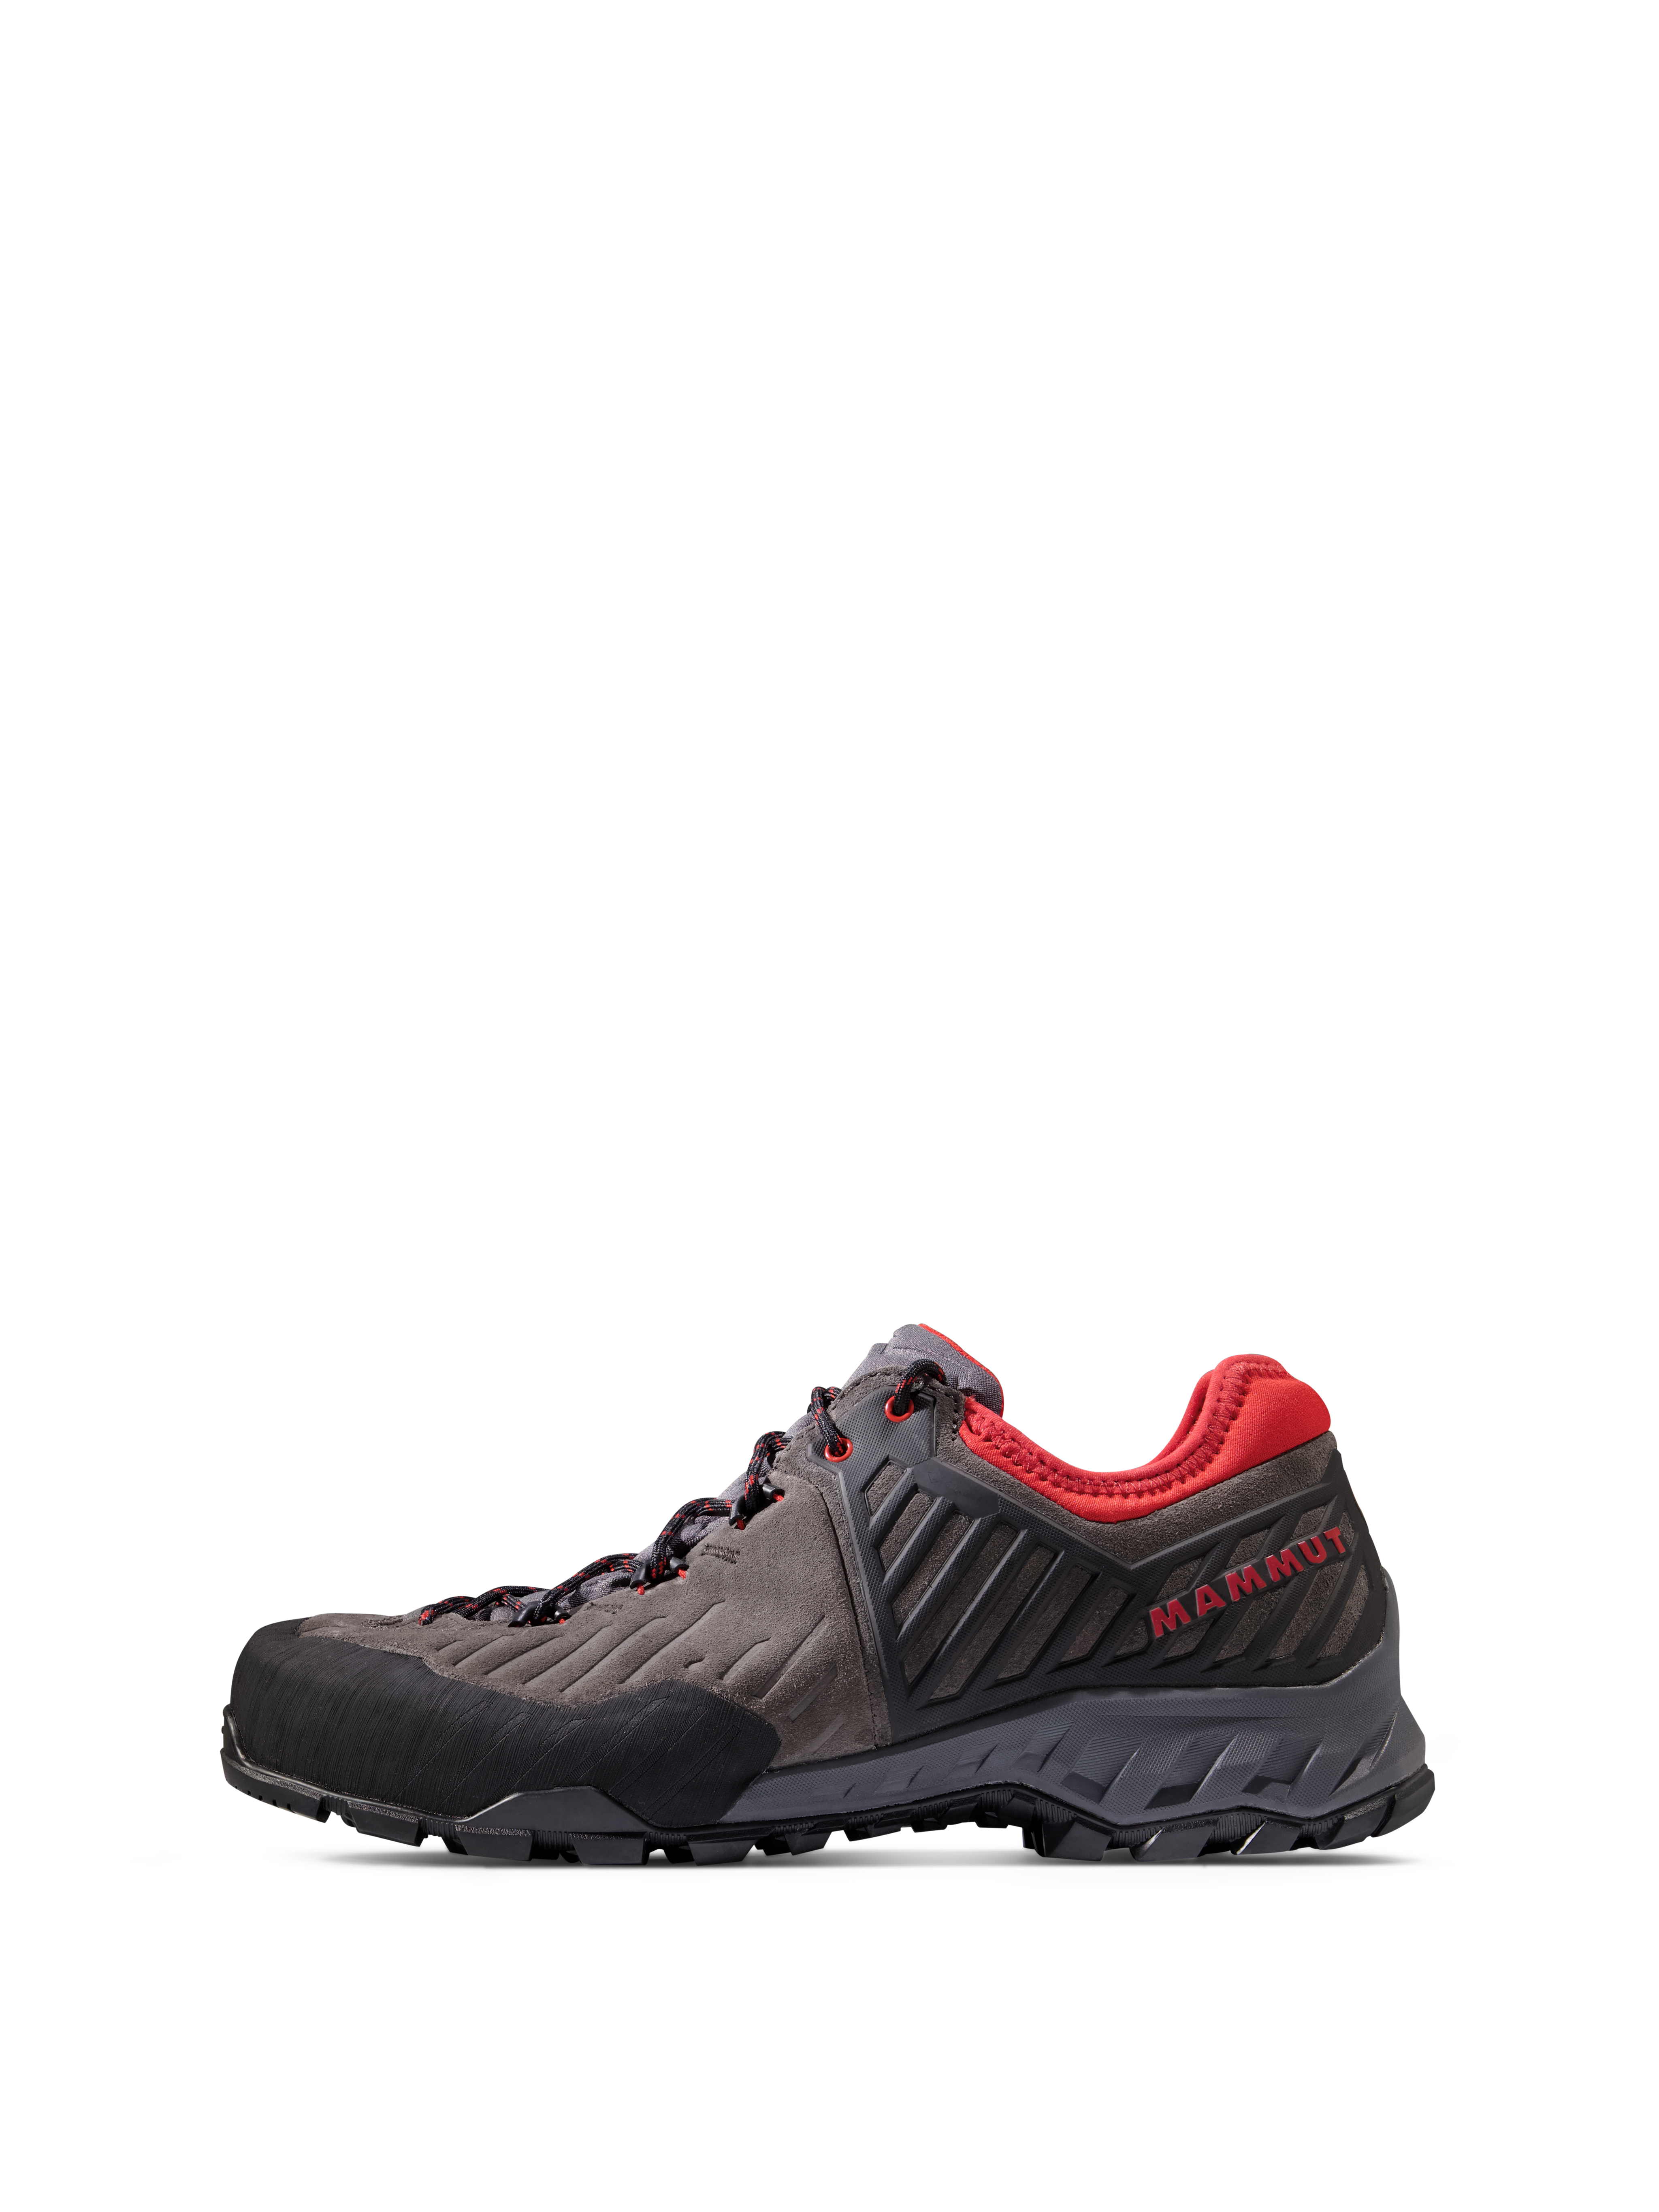 Alnasca II Low GTX® Men product image